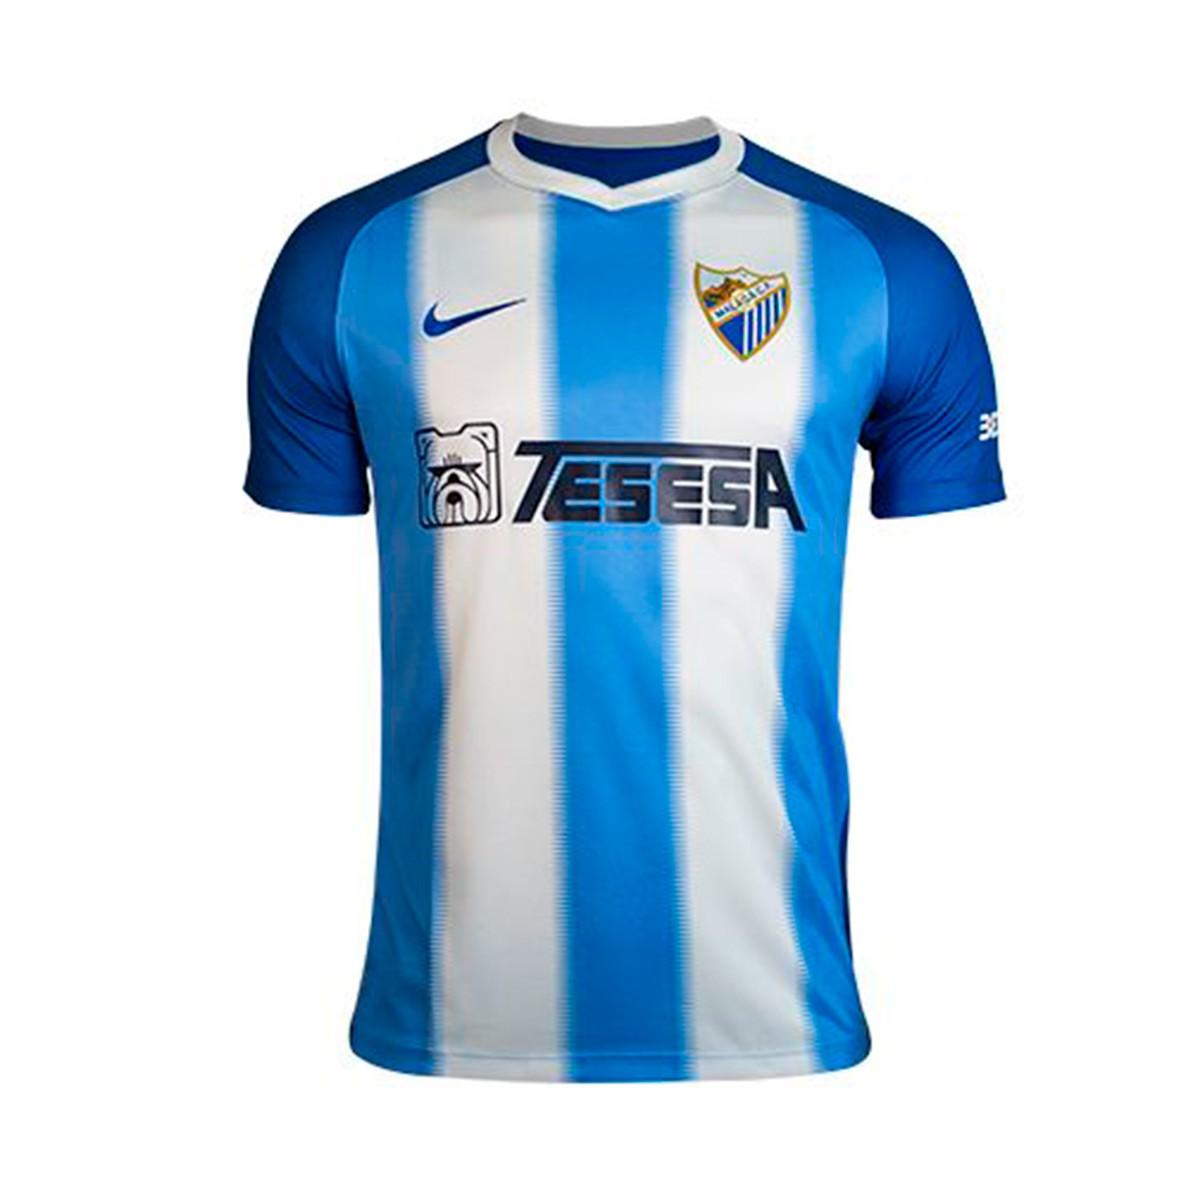 a8744c5d083f5 Camiseta Nike Málaga CF Primera Equipación 2018-2019 Niño Blanco-Azul -  Tienda de fútbol Fútbol Emotion